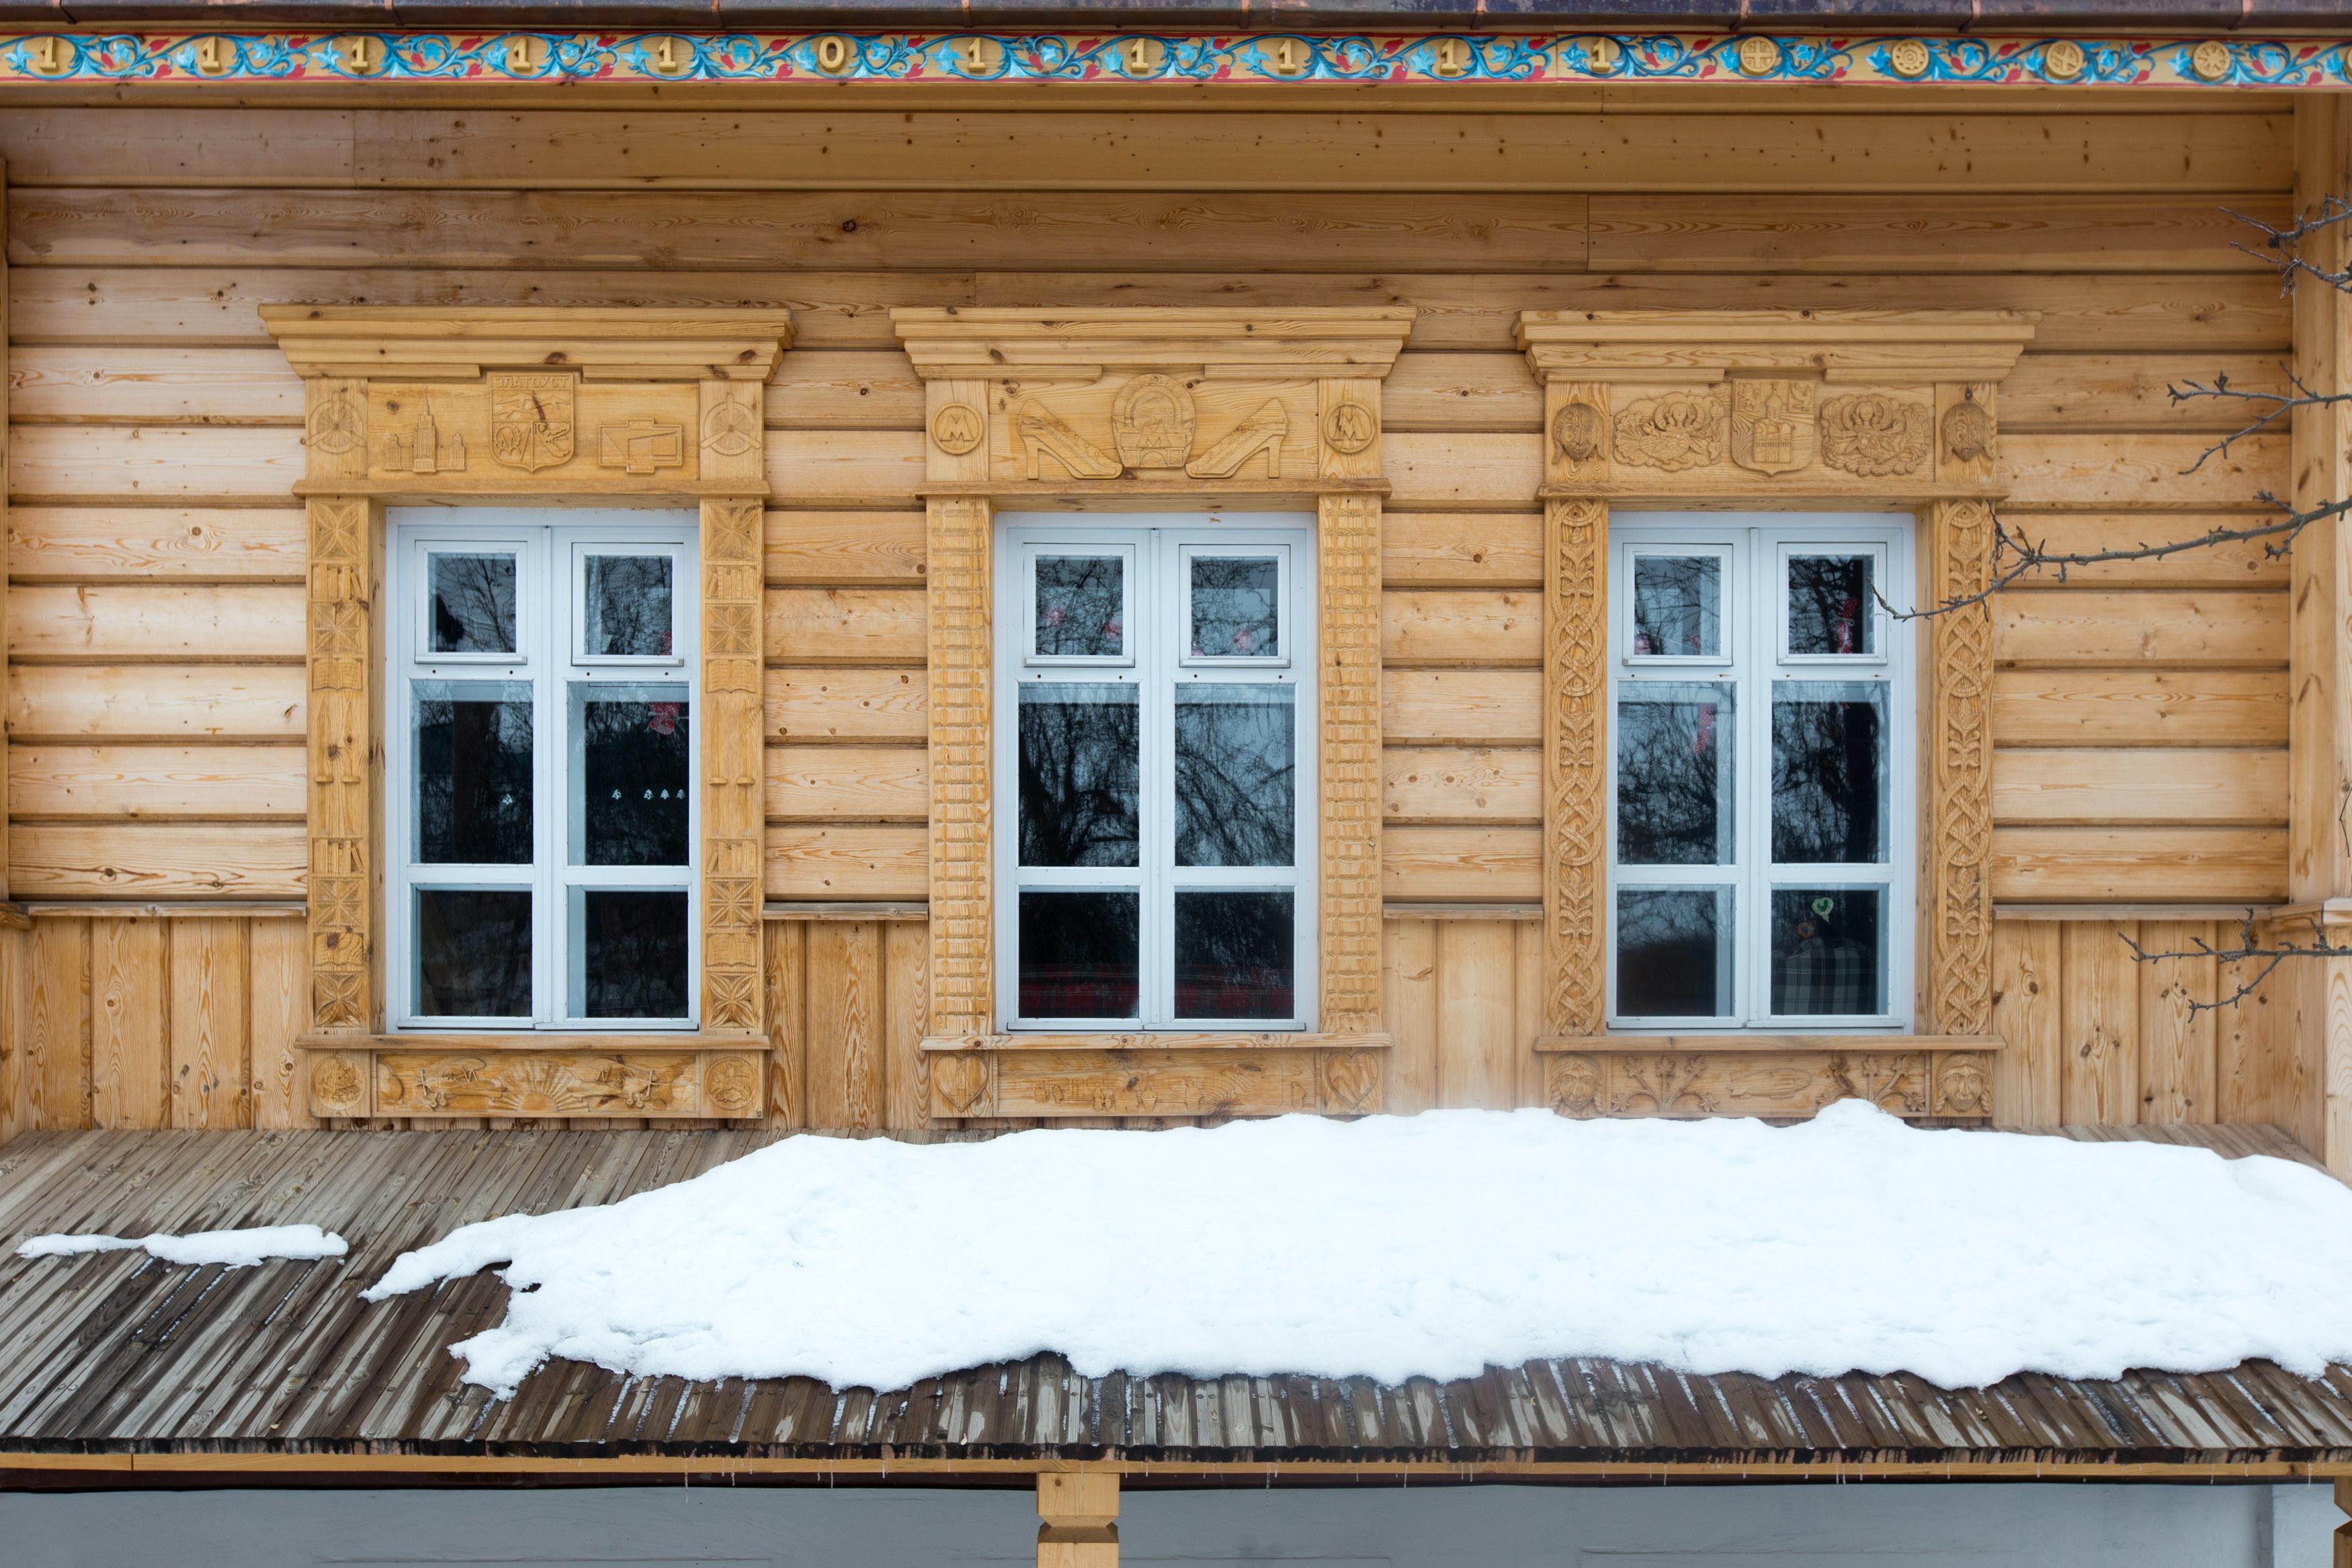 Самый новый наличник в коллекции (Суздаль, Владимирская область, менее десяти лет). Фото: ©Иван Хафизов